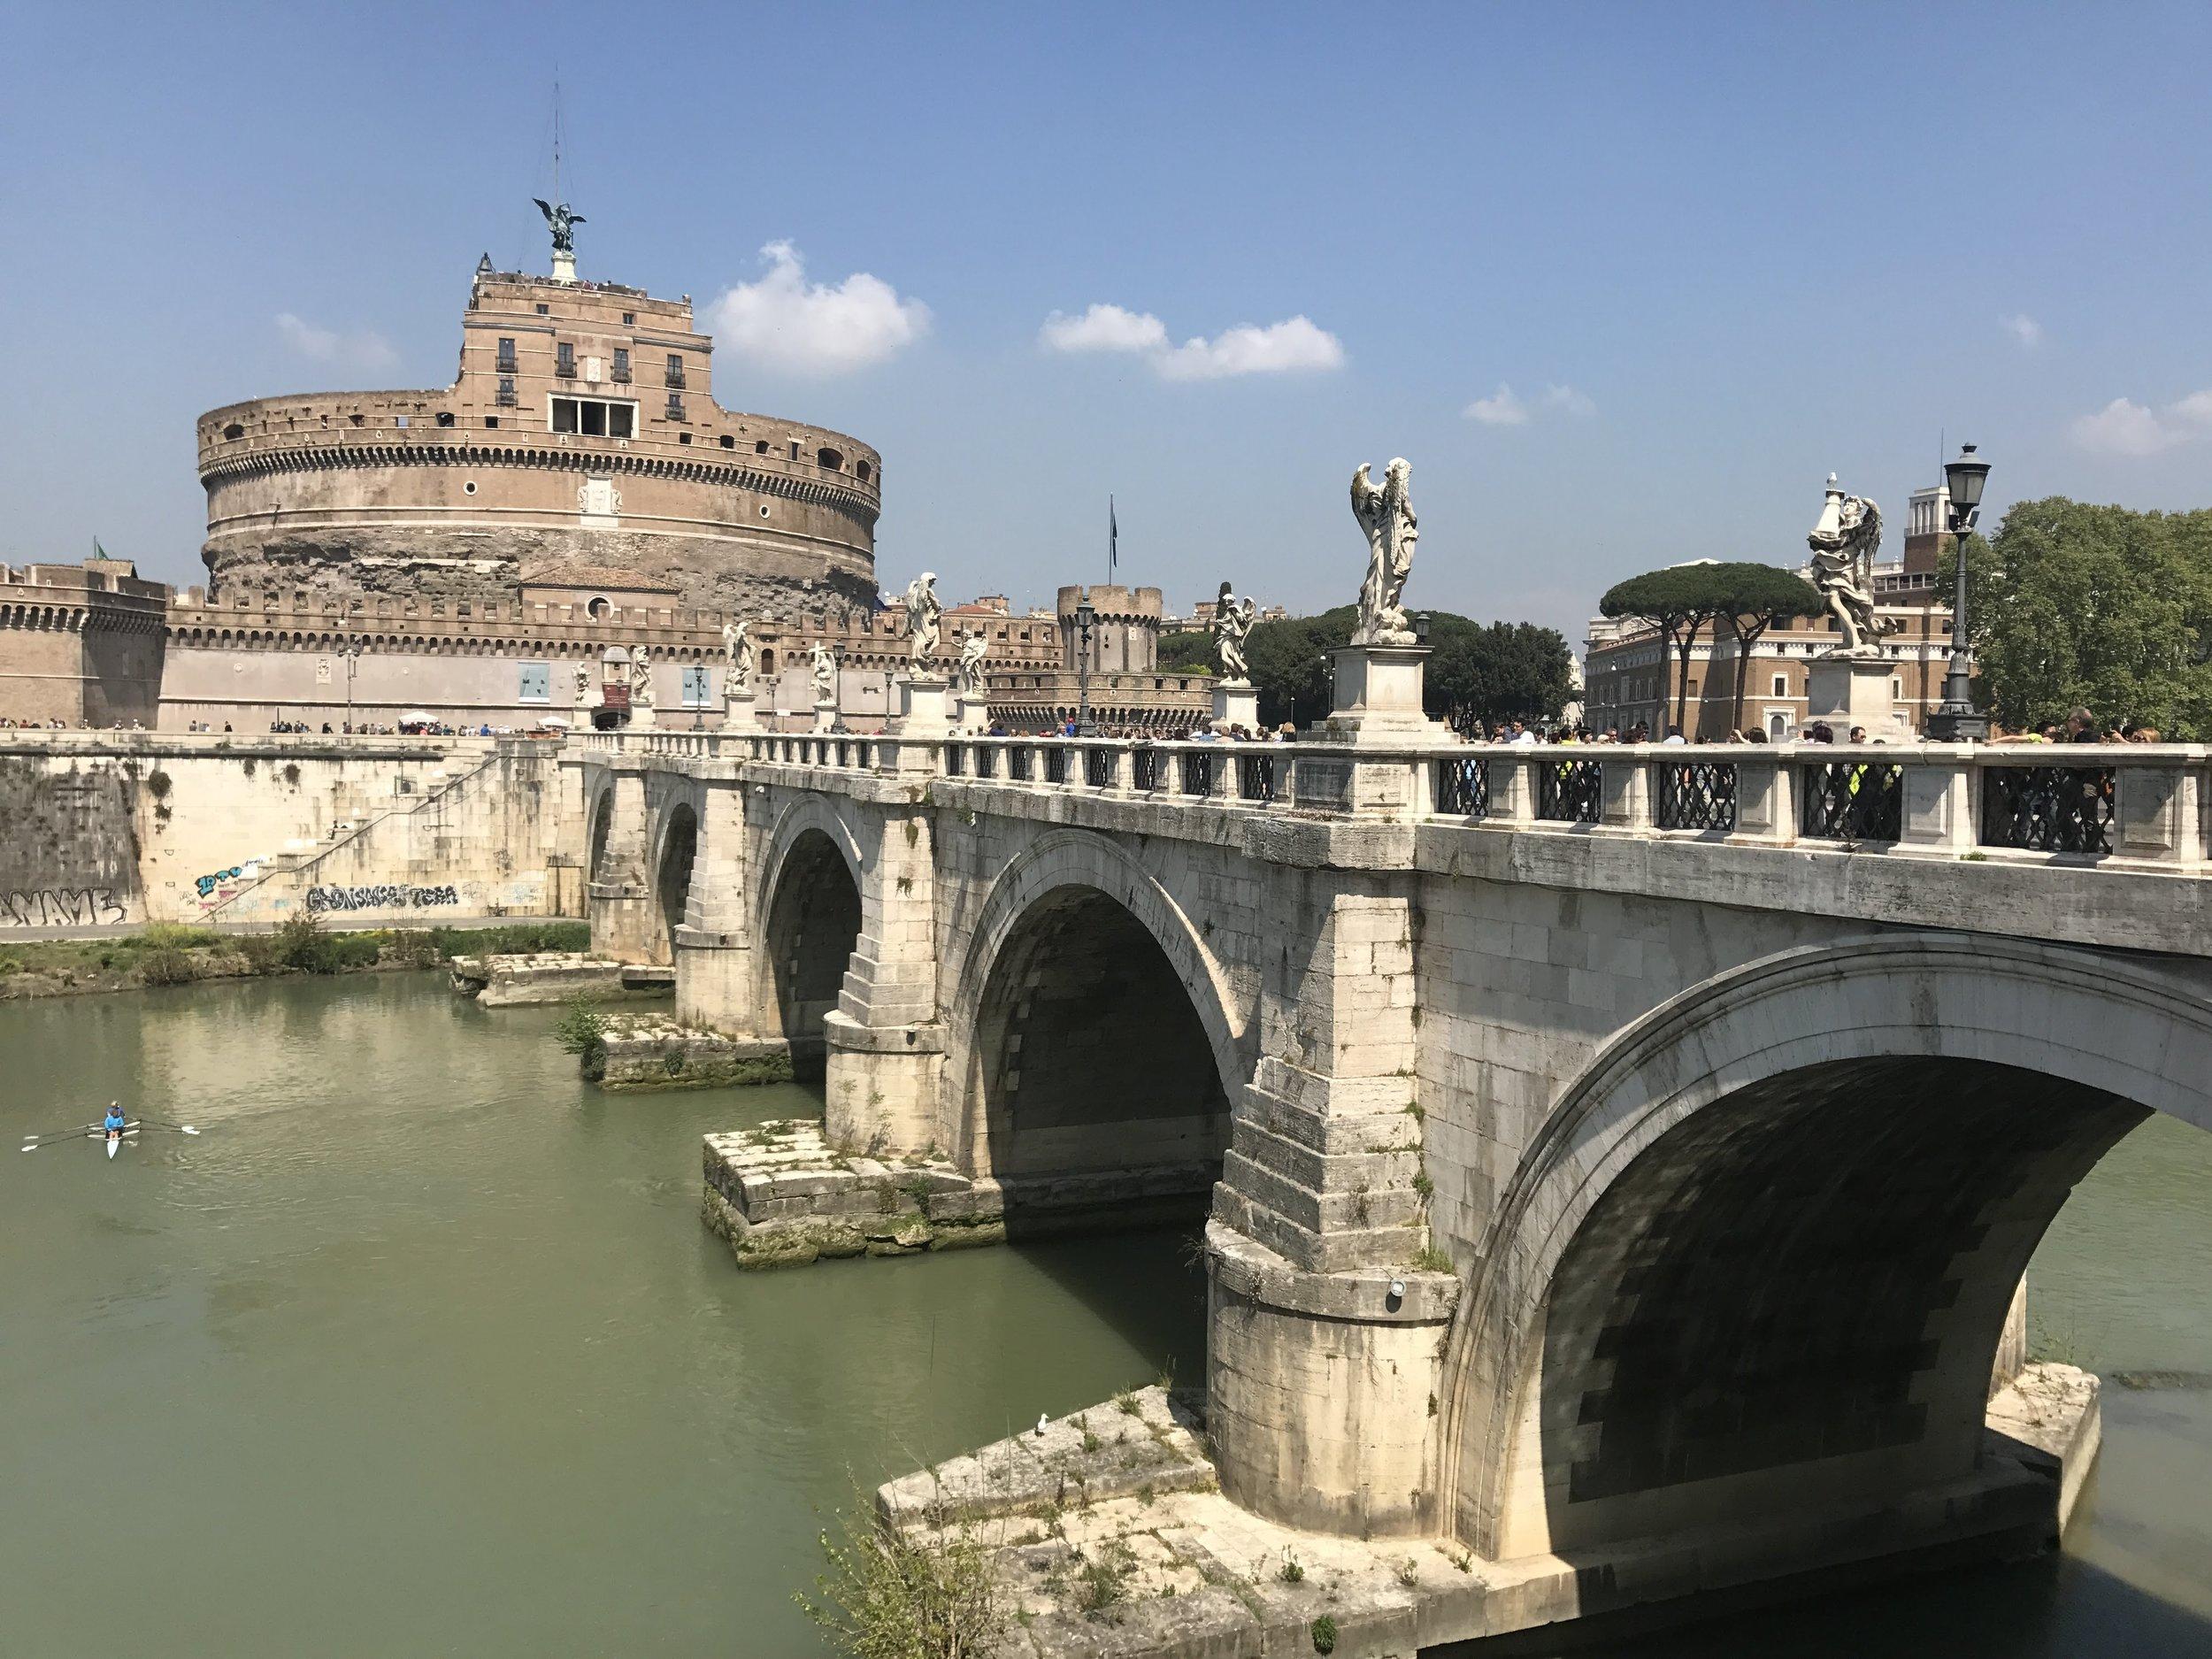 ITALY 2019 - September 13-21, 2019